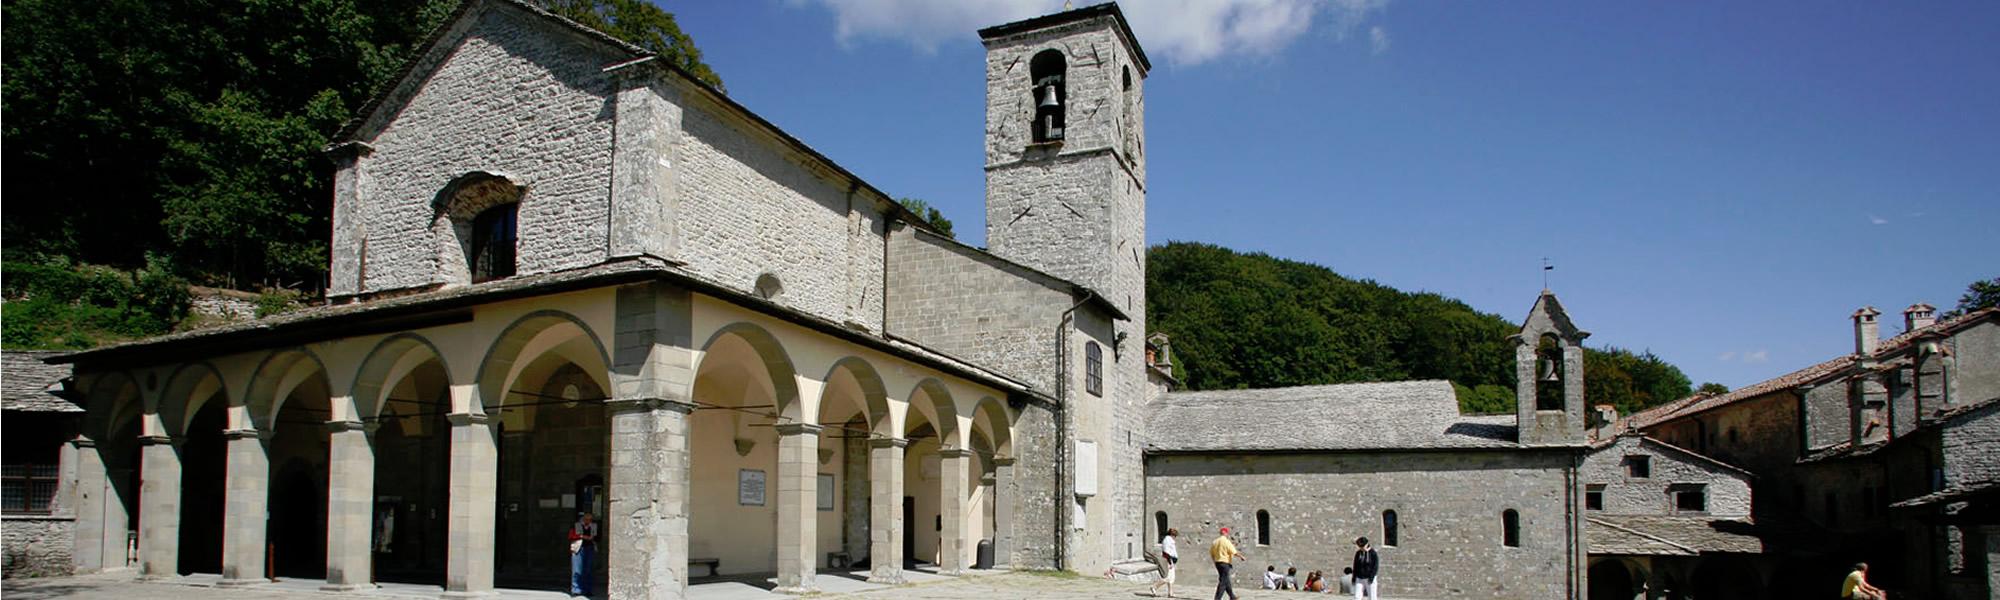 Santuario la Verna San Francesco